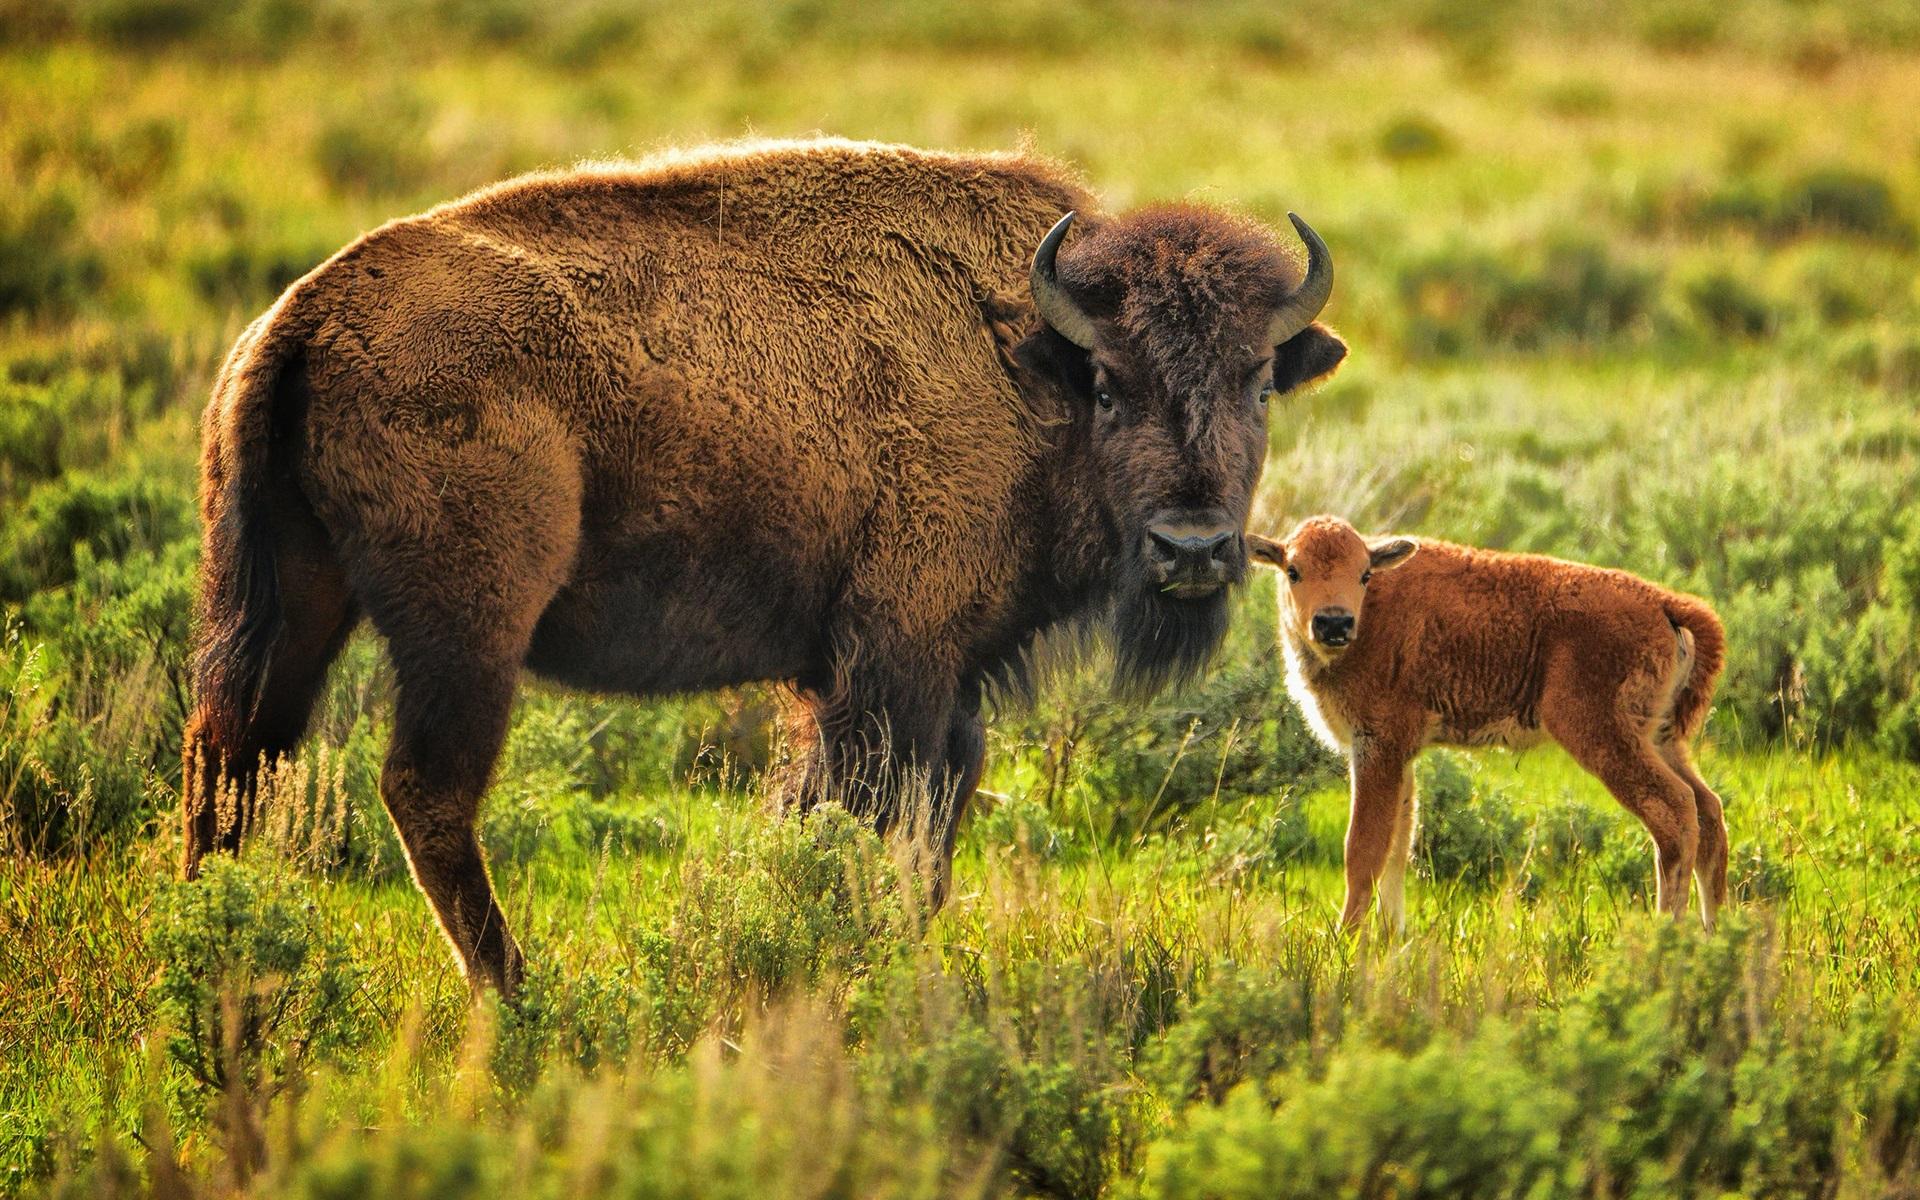 Fondos De Pantalla De Animales Bebes: Fondos De Pantalla Animal, Búfalo, Mamá Y Bebé